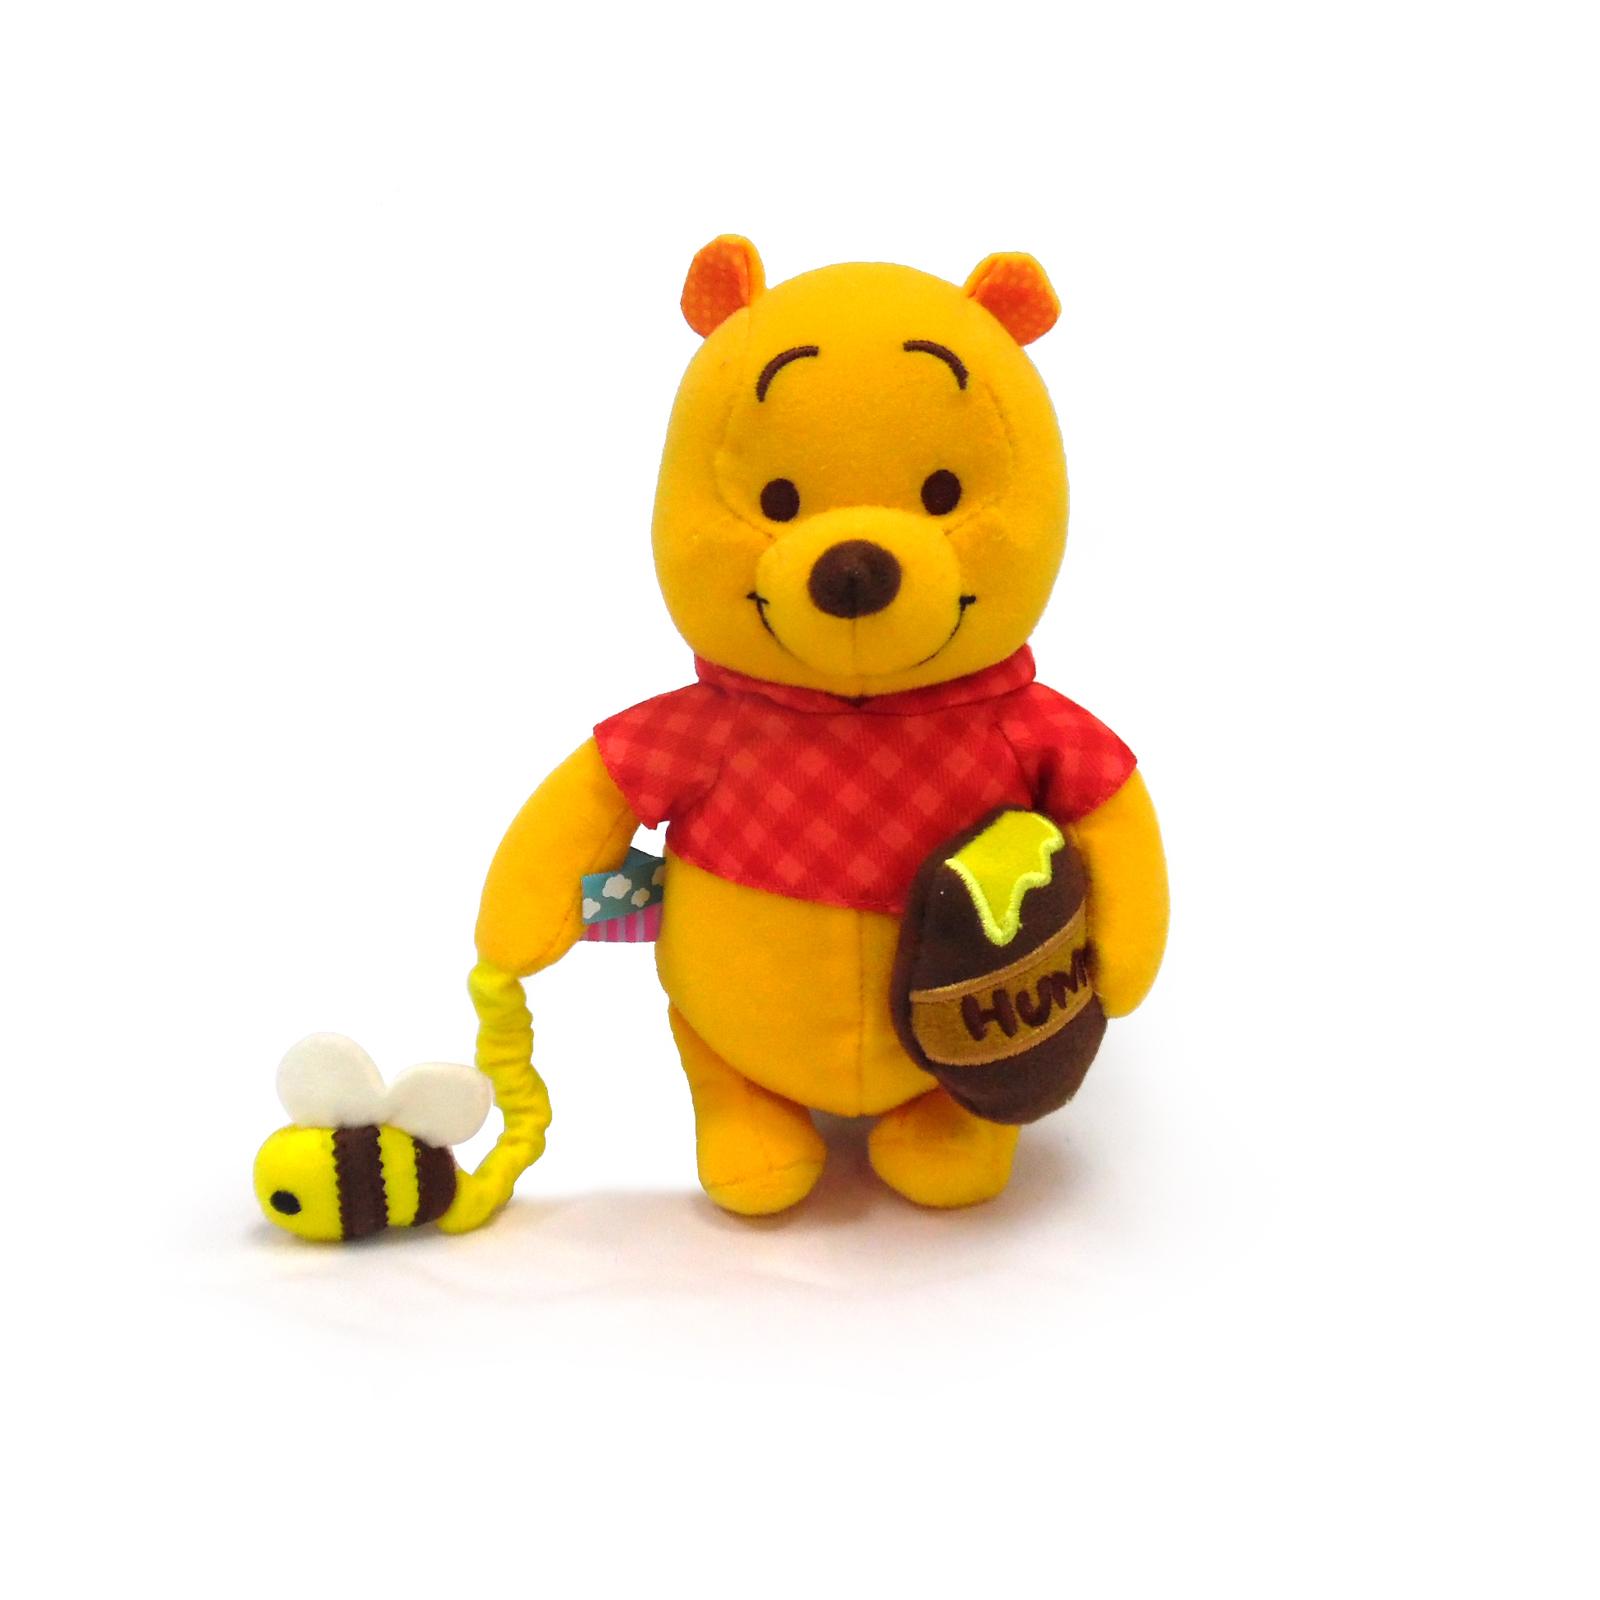 Winnie the Pooh Plush Pram Toy image